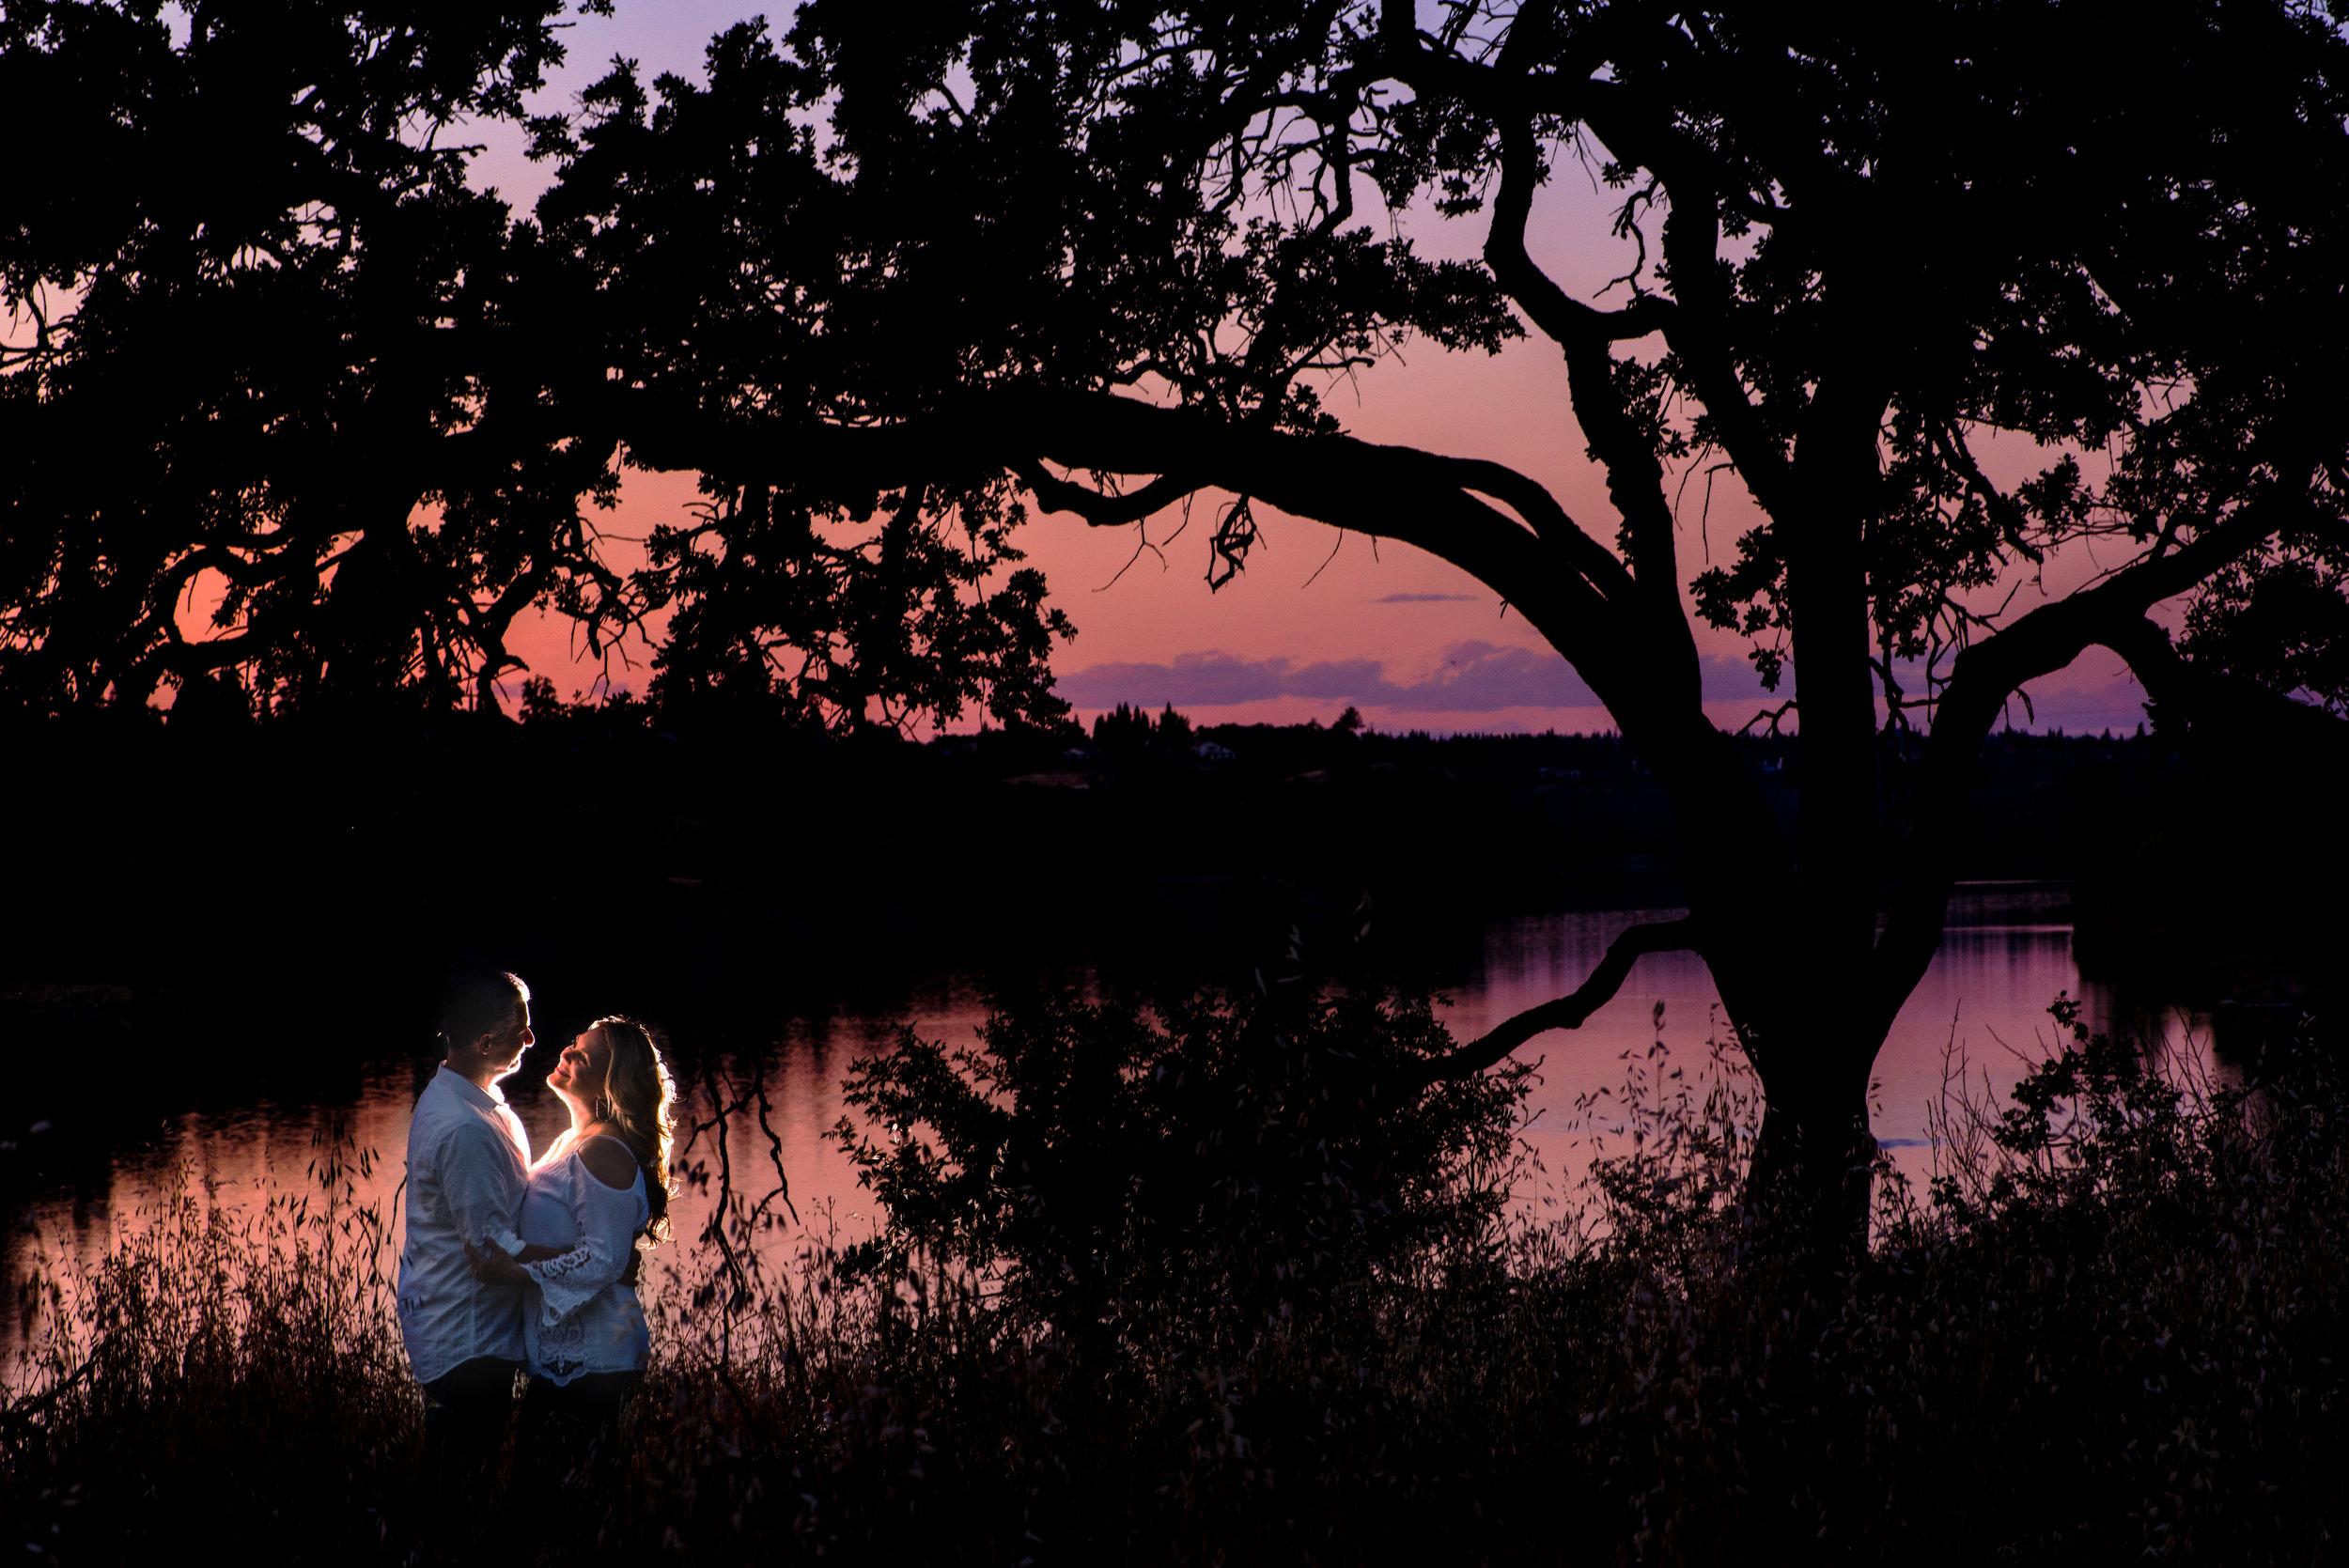 kara-craig-041-engagement-sacramento-wedding-photographer-katherine-nicole-photography.JPG